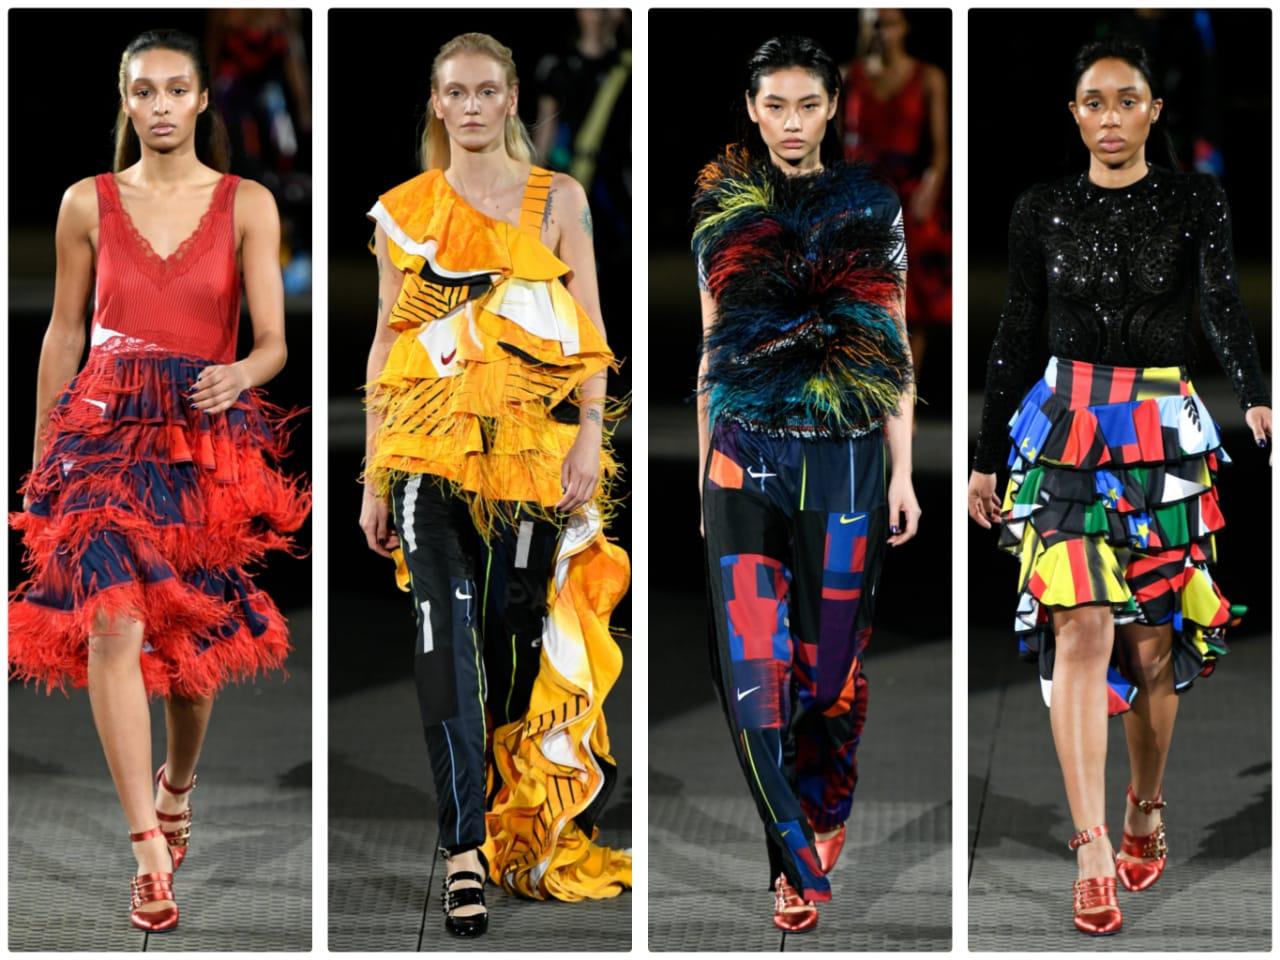 اسبوع الموضة بباريس (3)